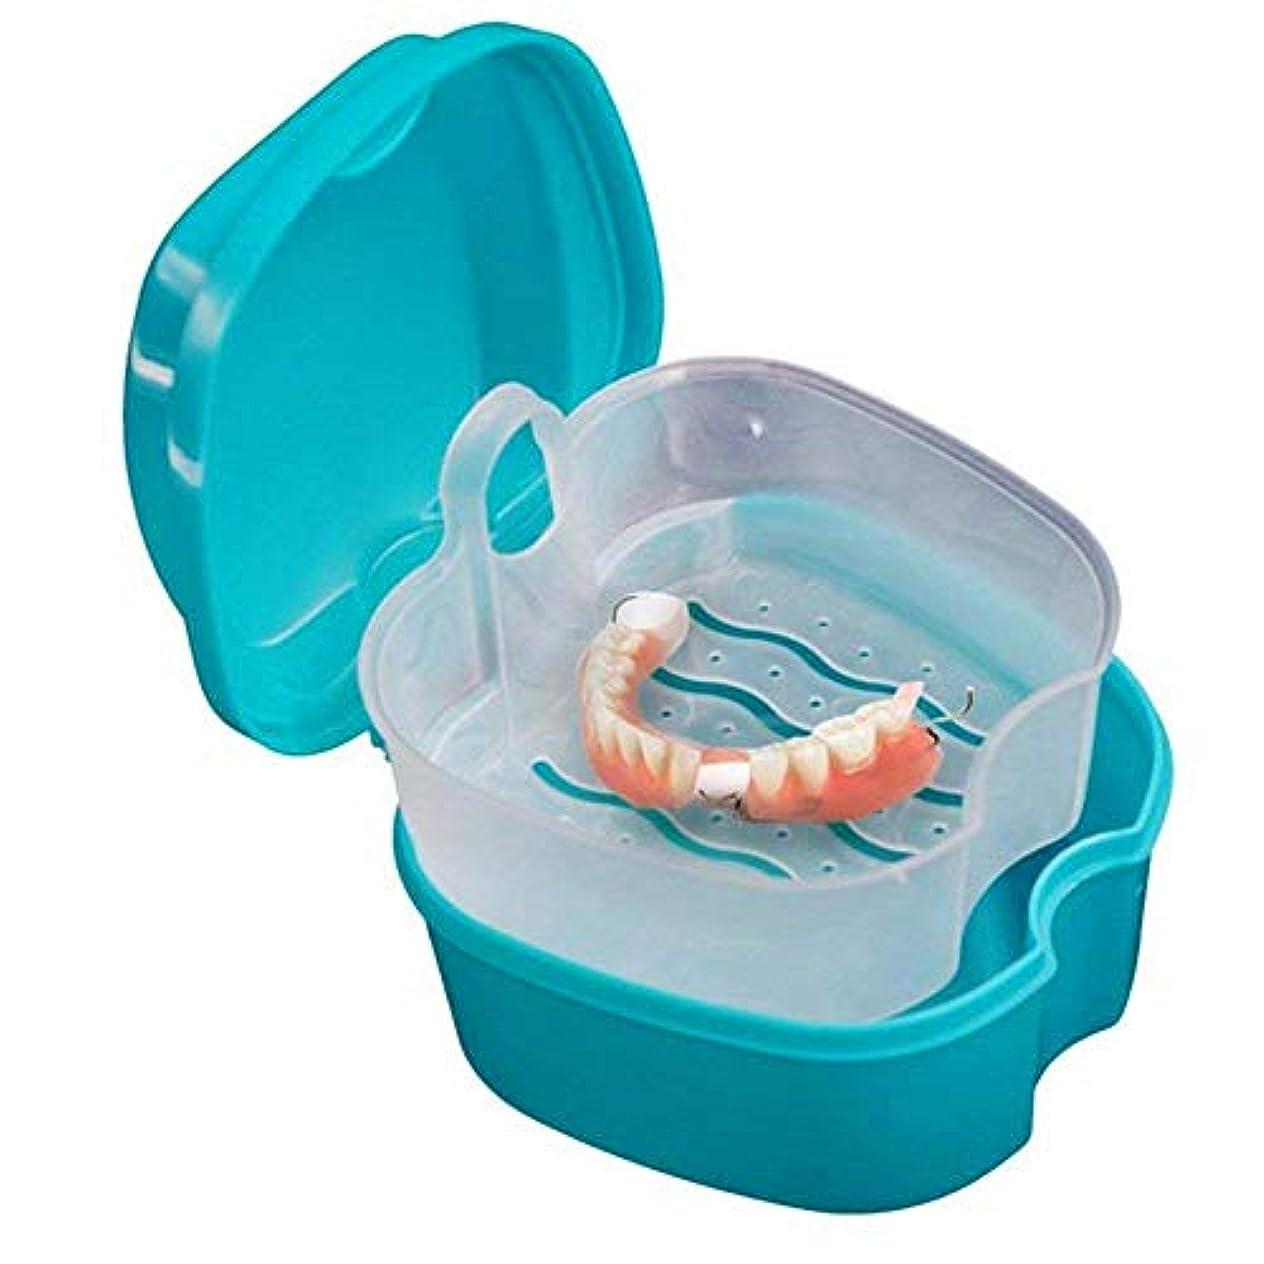 二度暫定トレーダーCoiTek 入れ歯ケース 義歯ケース 携帯 家庭旅行用 ストレーナー付き ブルー